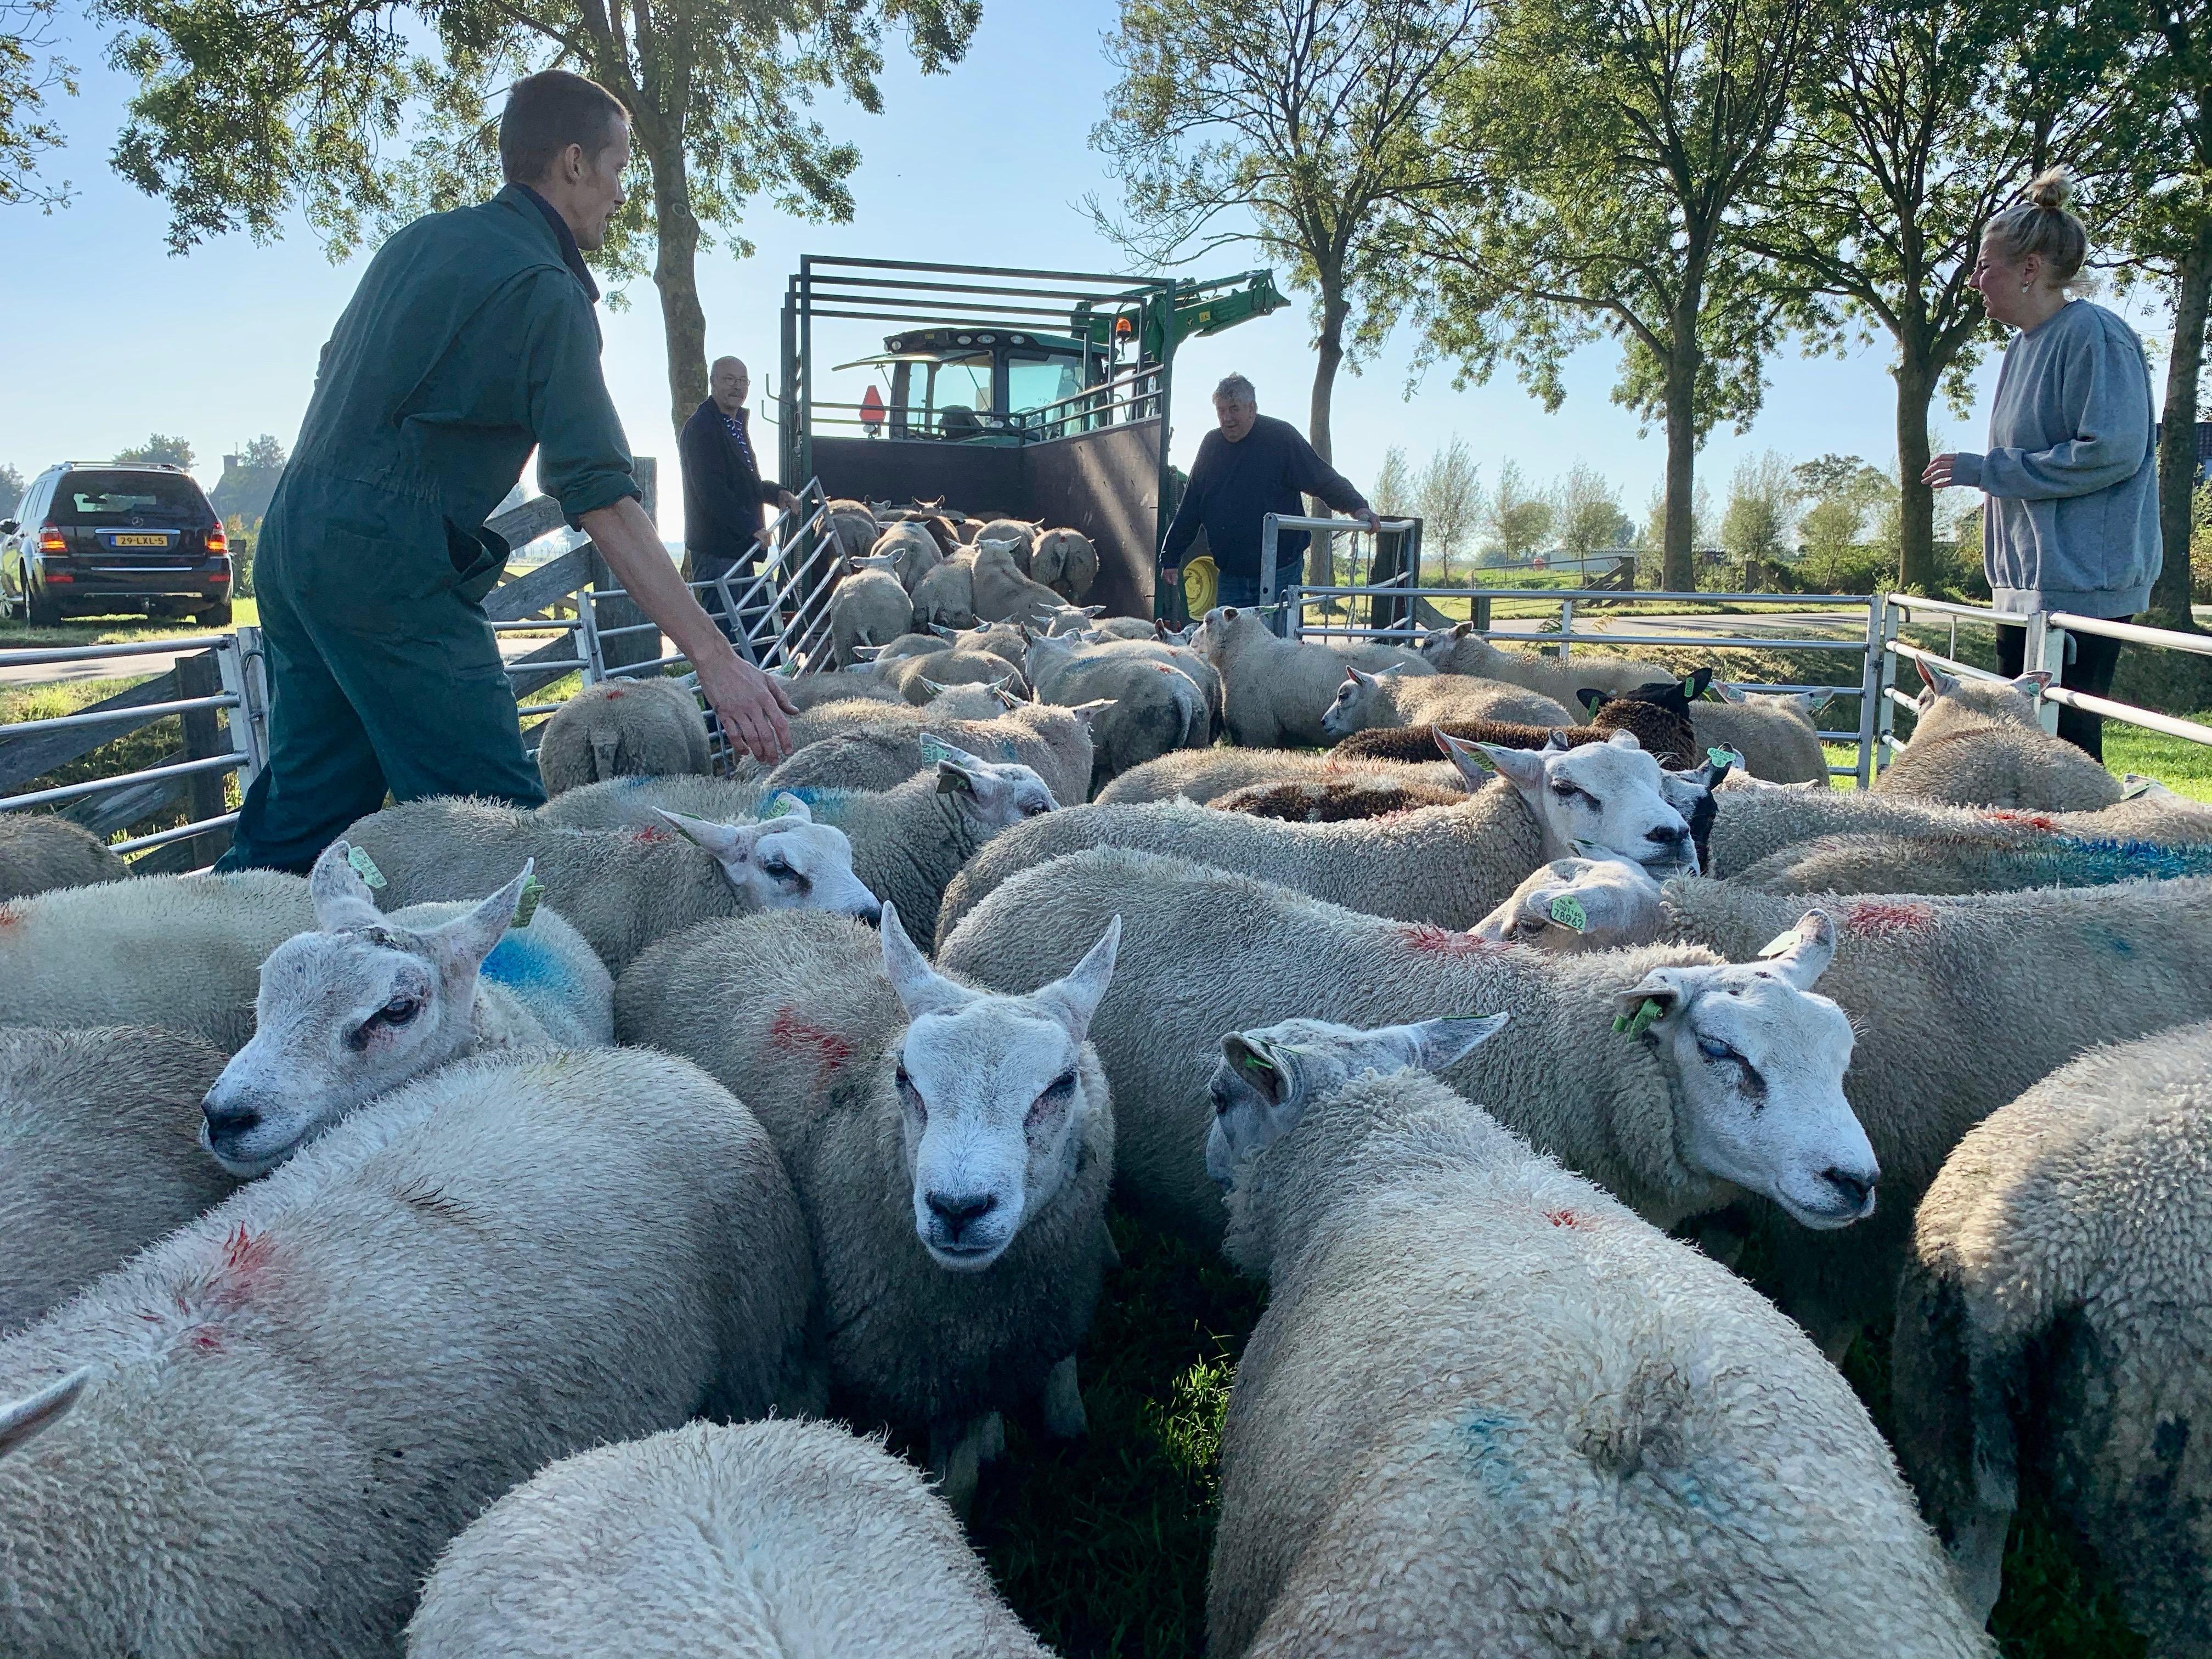 Opschieten! De schapen van Theo verhuizen van de Herenweg richting mals Abbekerks gras